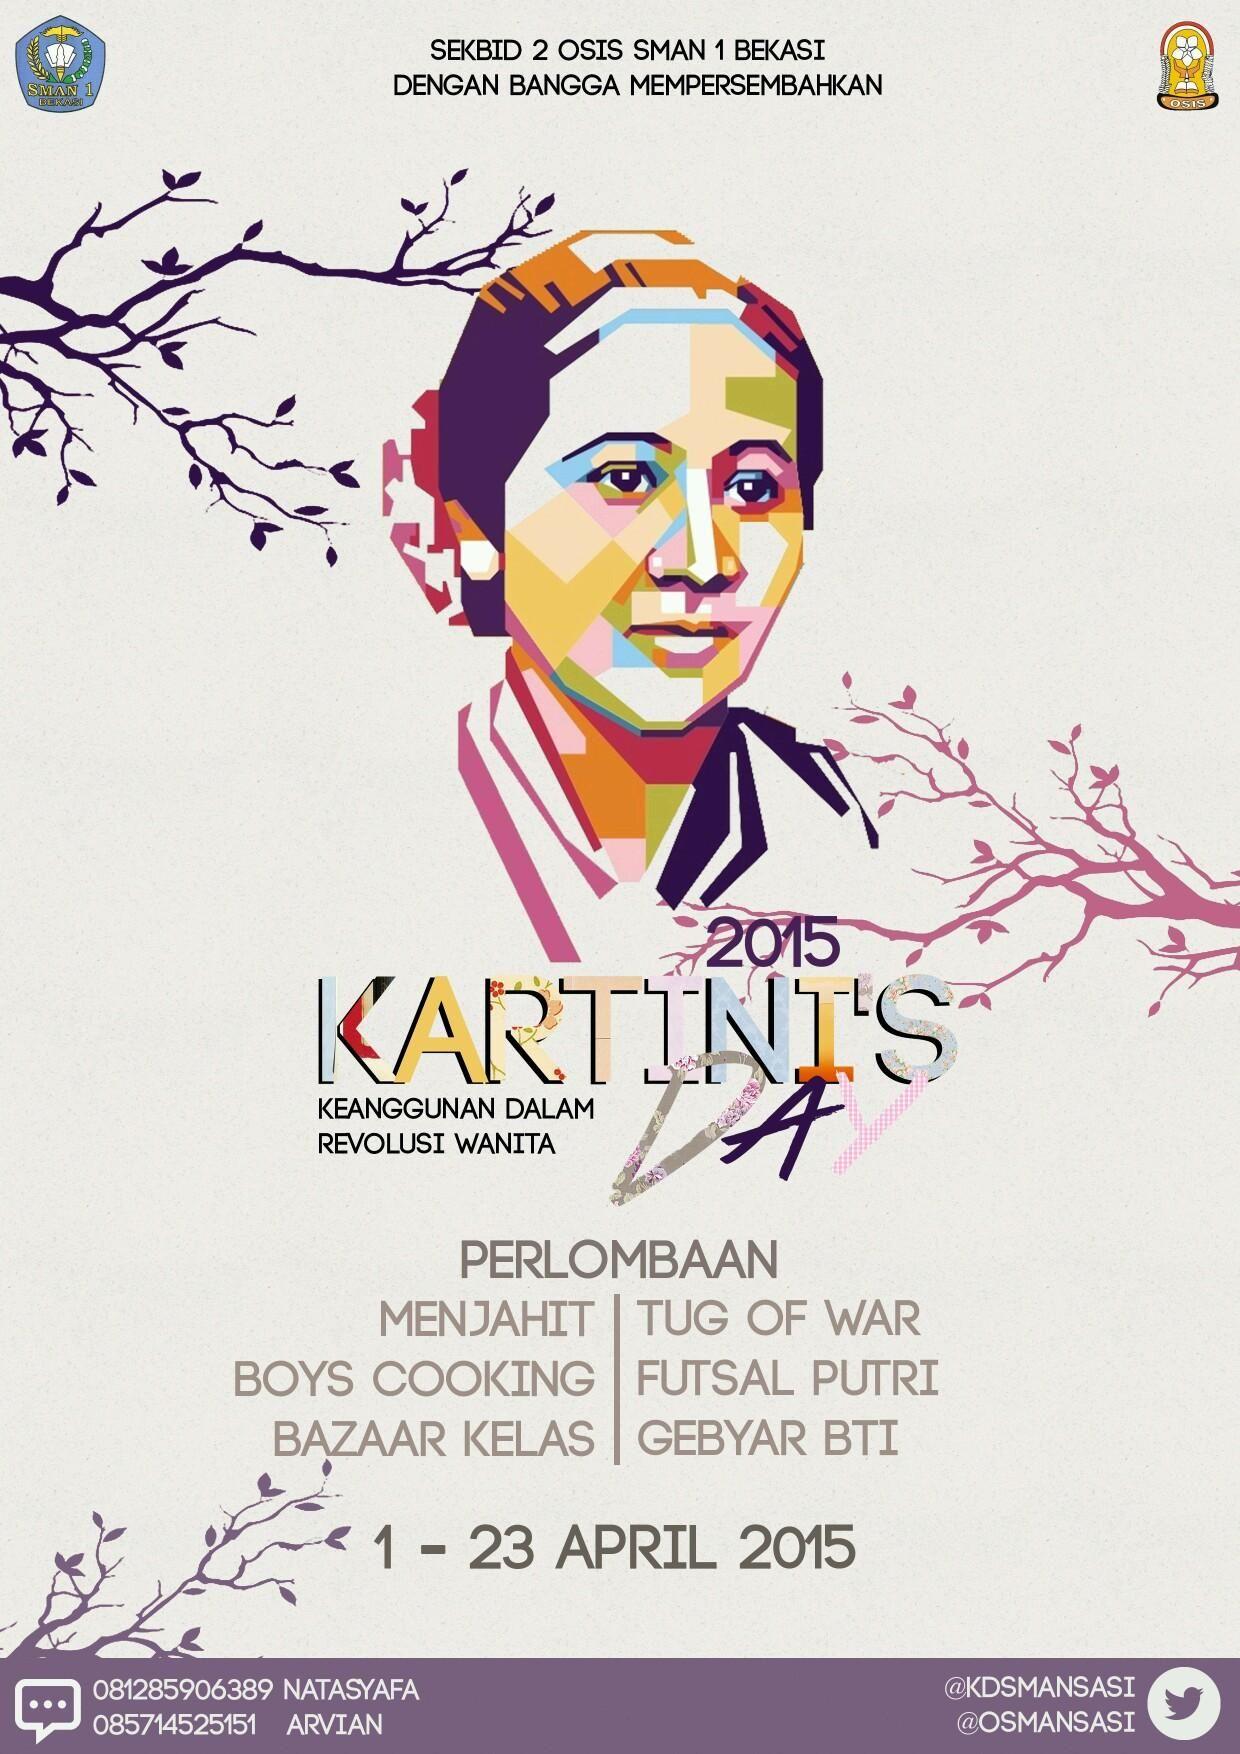 Image Result For Kartini Days Putri Menjahit